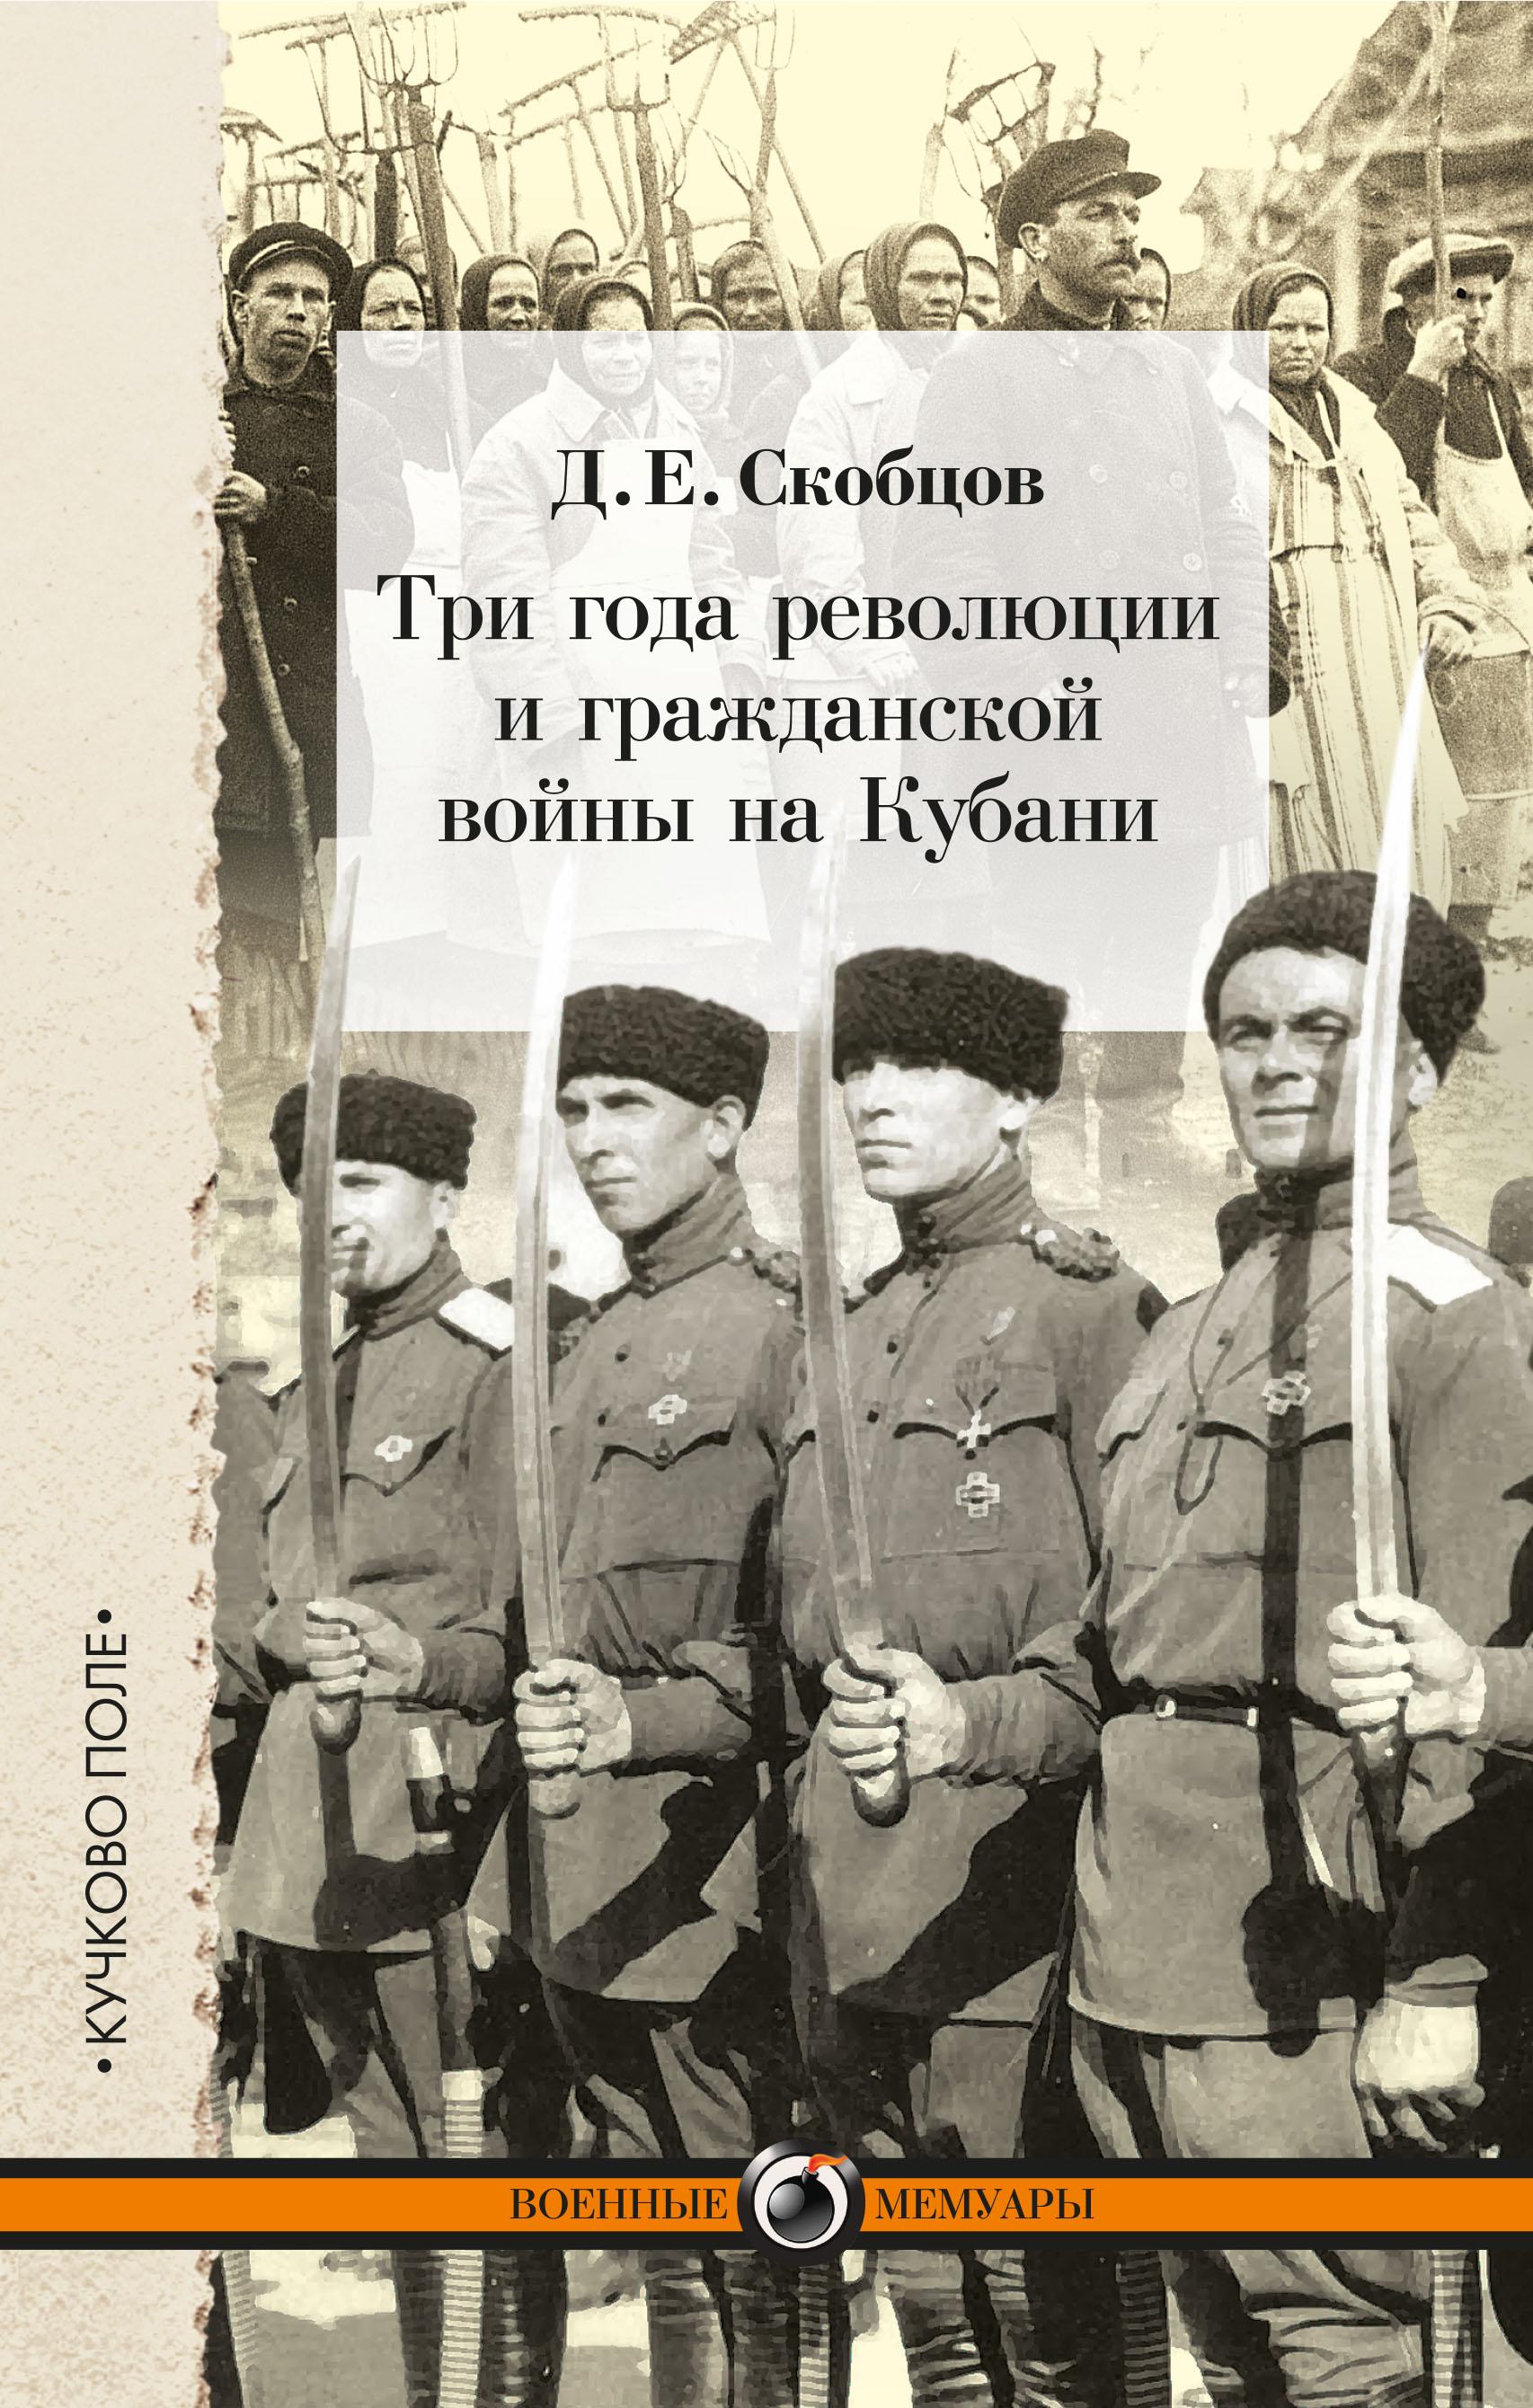 Д. Е. Скобцов Три года революции и гражданской войны на Кубани